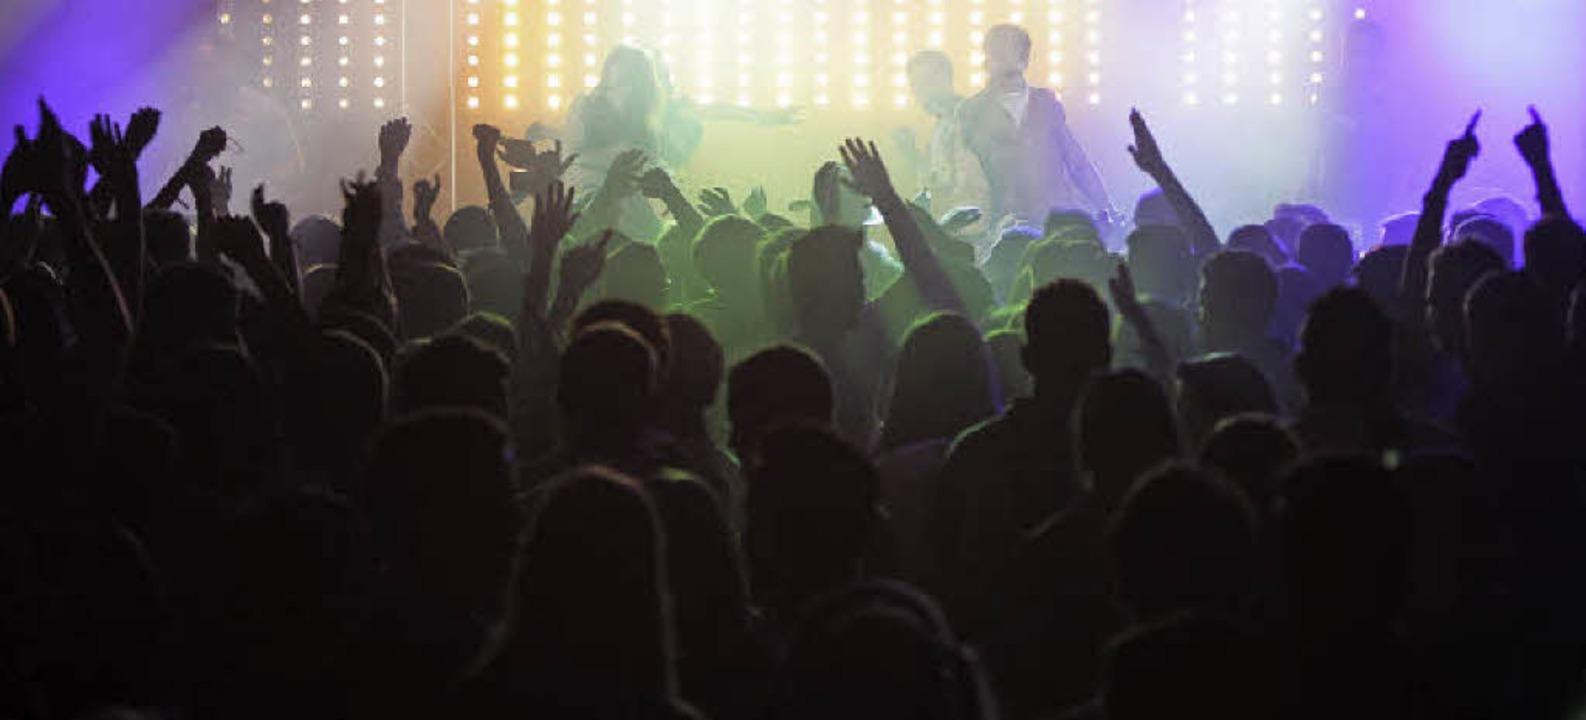 Die Veranstalter der Beach-Party rechnen mit rund 4000 Besuchern.   | Foto: Patrik Müller